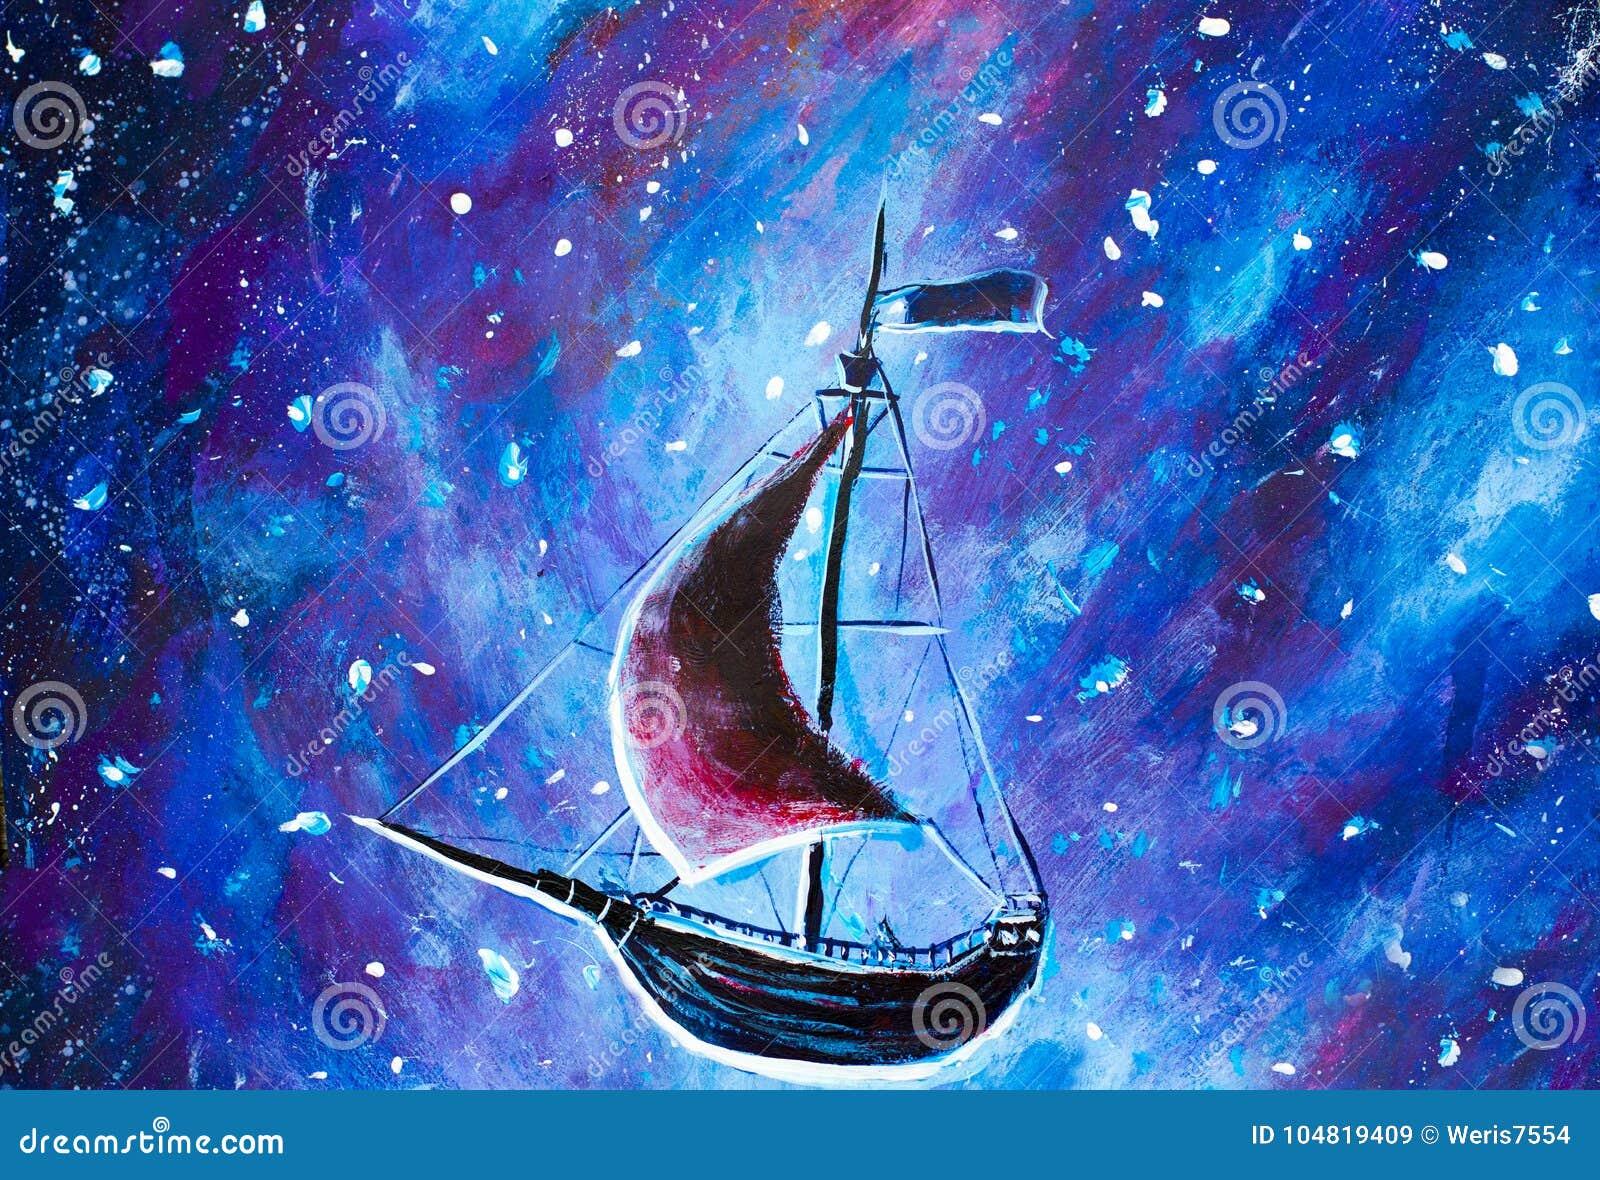 Het schilderen Vliegend een oud piraatschip Het overzeese schip vliegt boven sterrige hemel Een sprookje, een droom Peter pan Ill